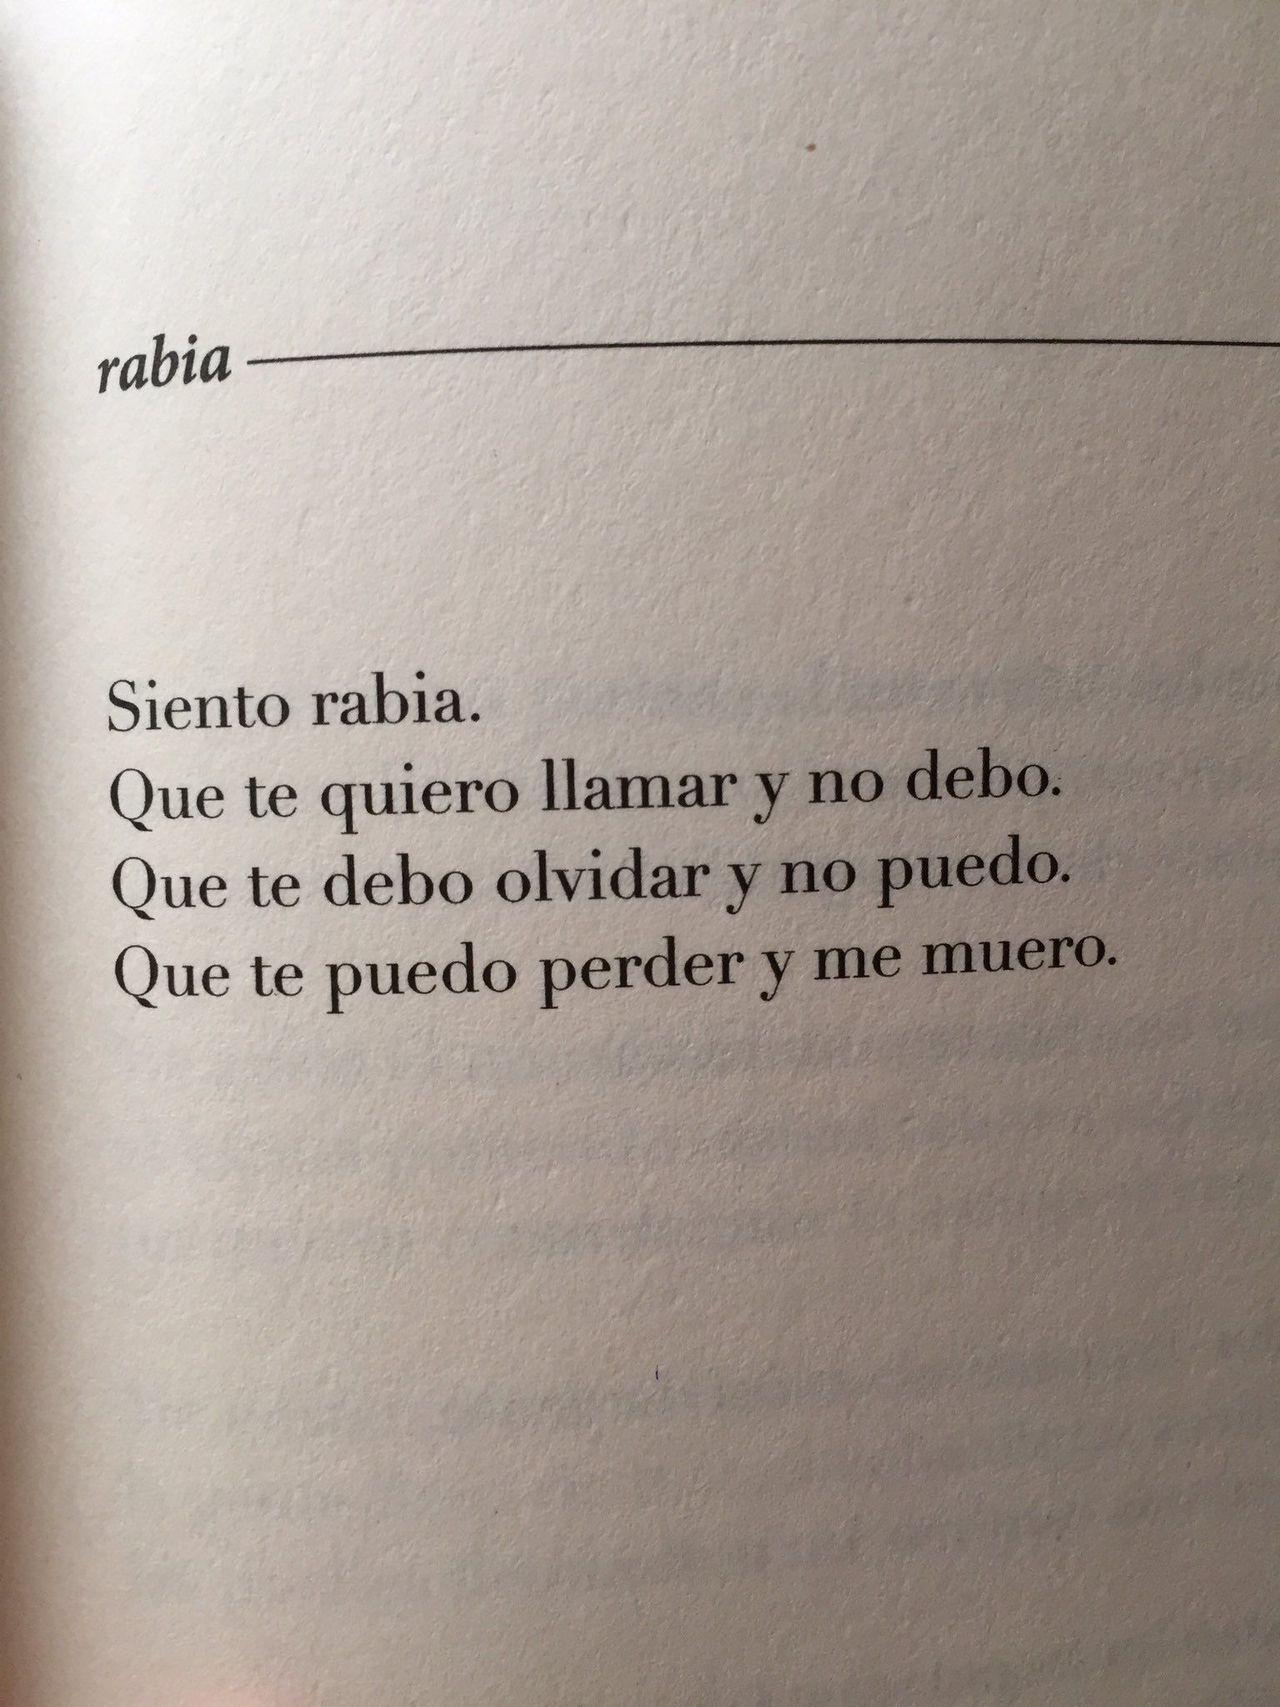 Imagenes Tumblr Frases De Amor Cortas